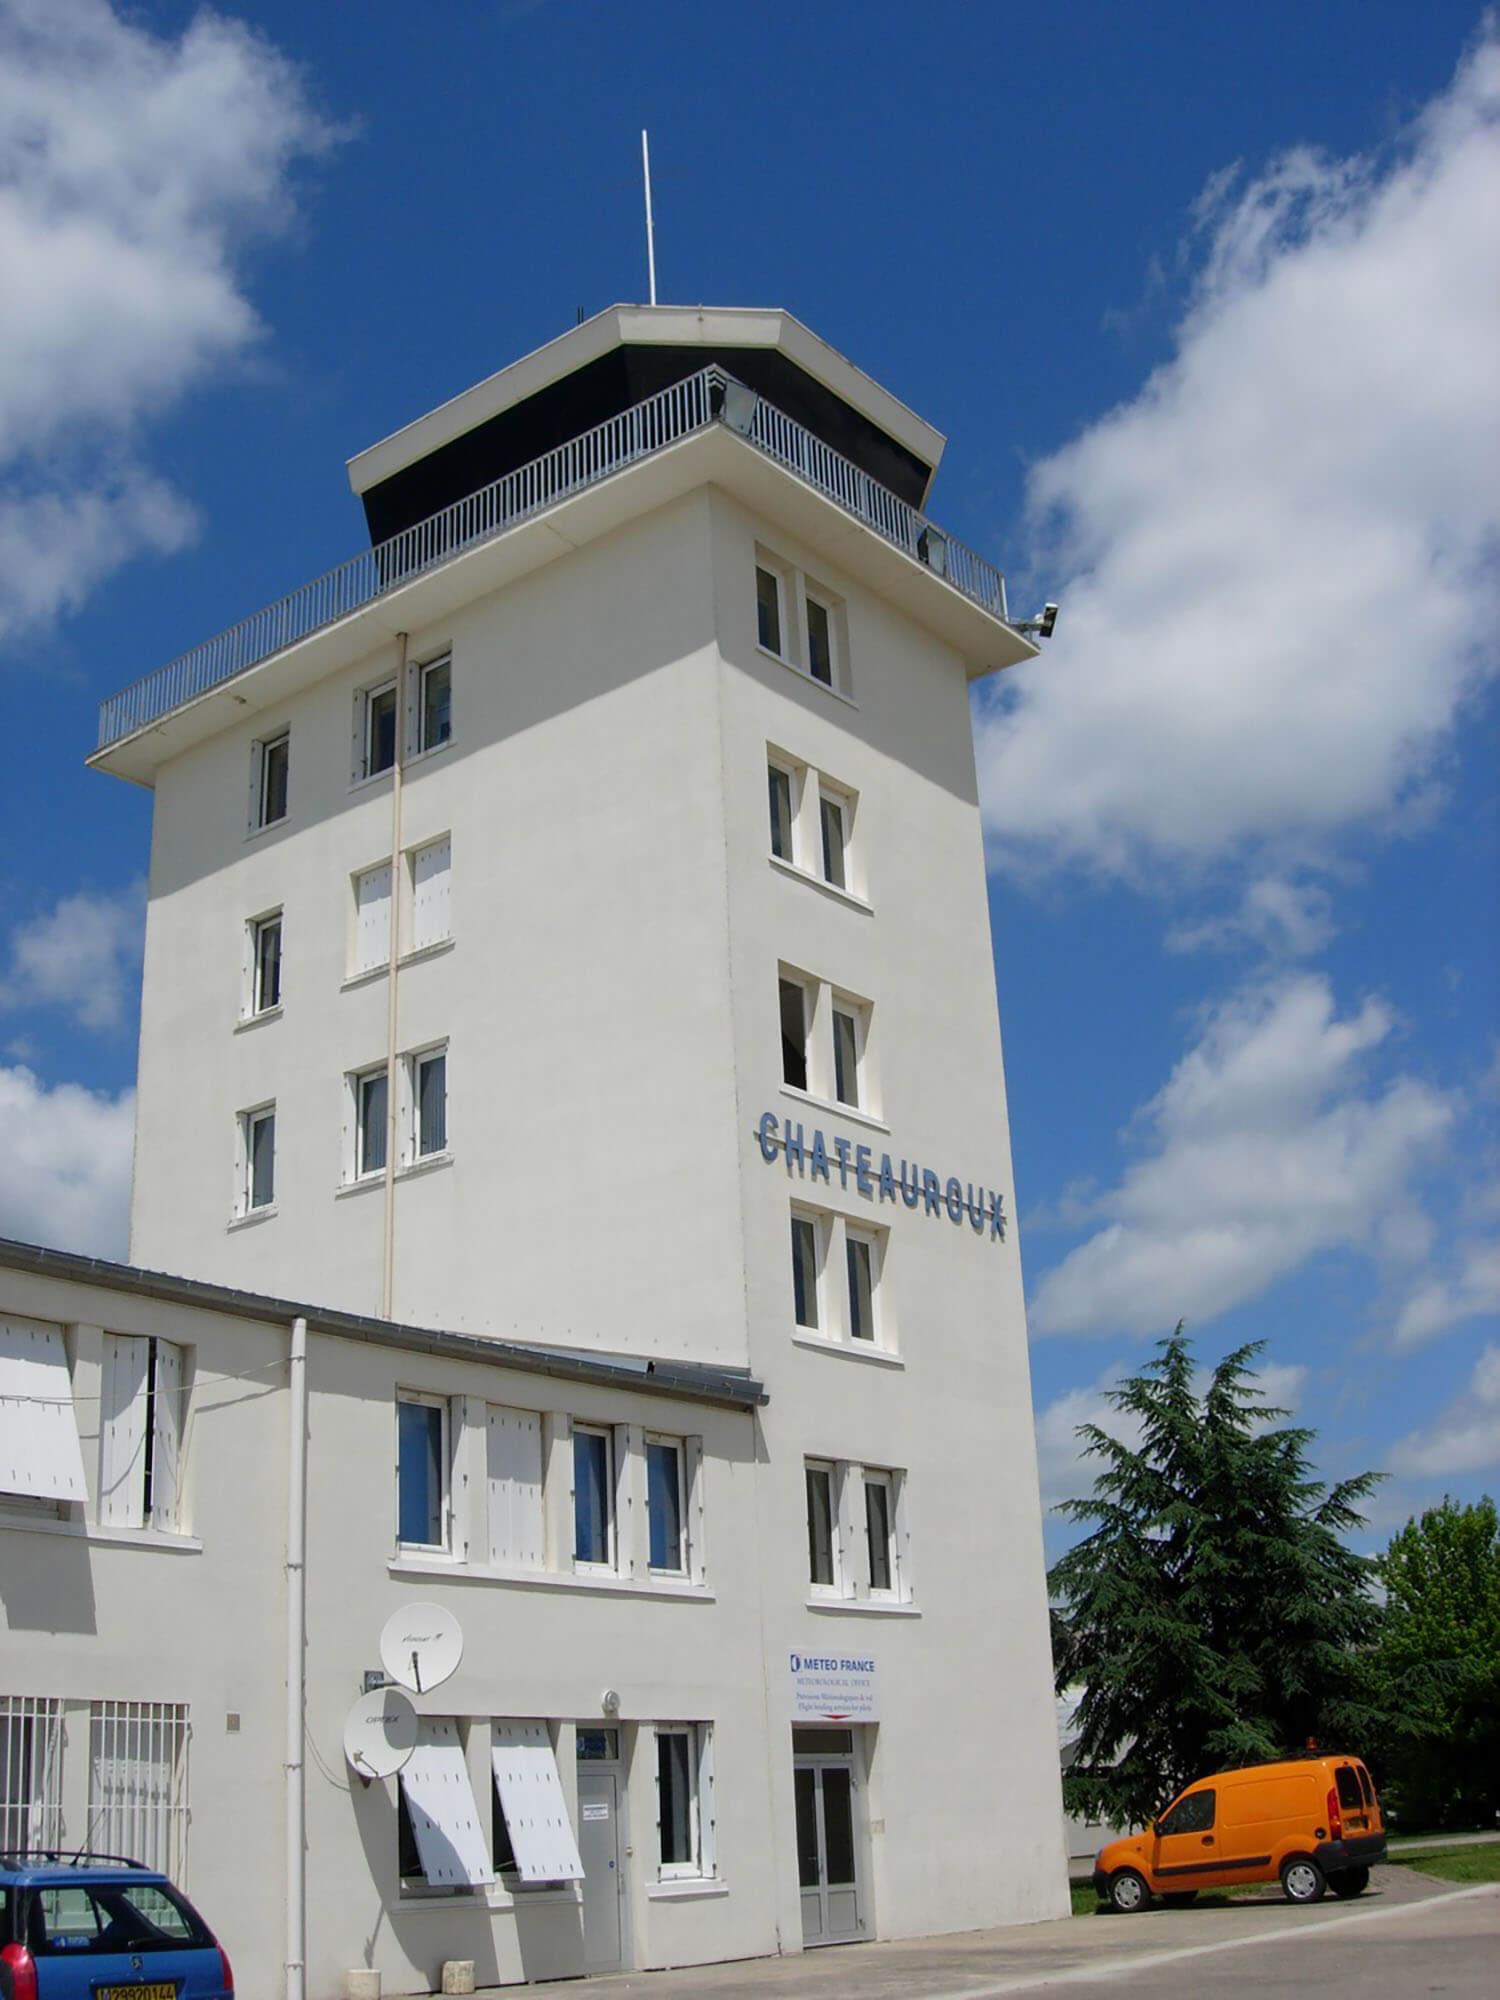 Aéroport de Châteauroux-Centre - photo d'illustration